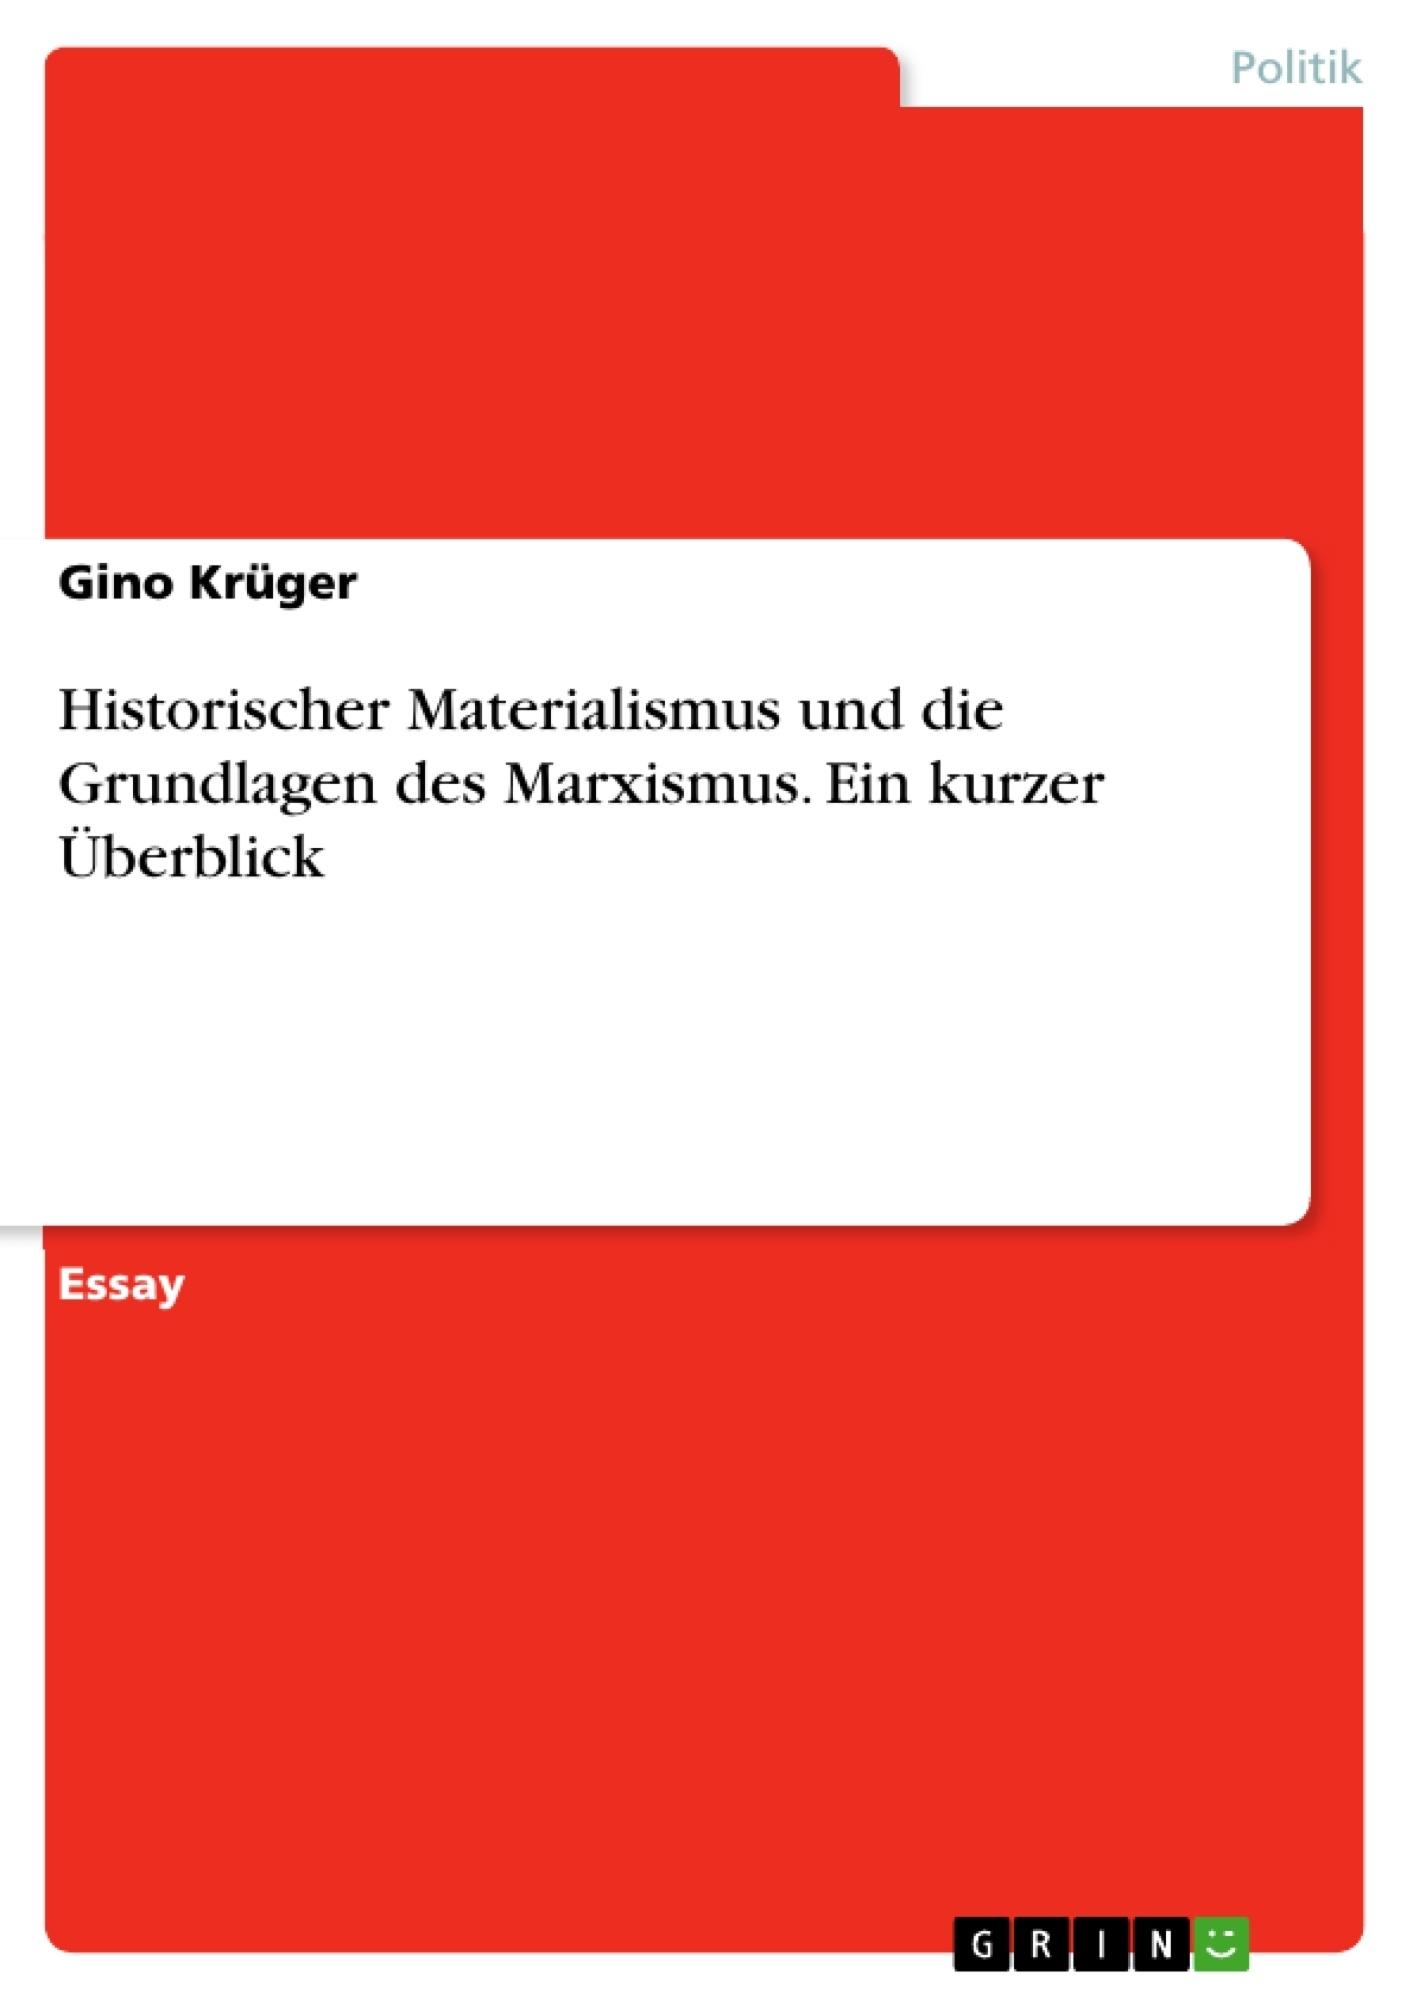 Titel: Historischer Materialismus und die Grundlagen des Marxismus. Ein kurzer Überblick